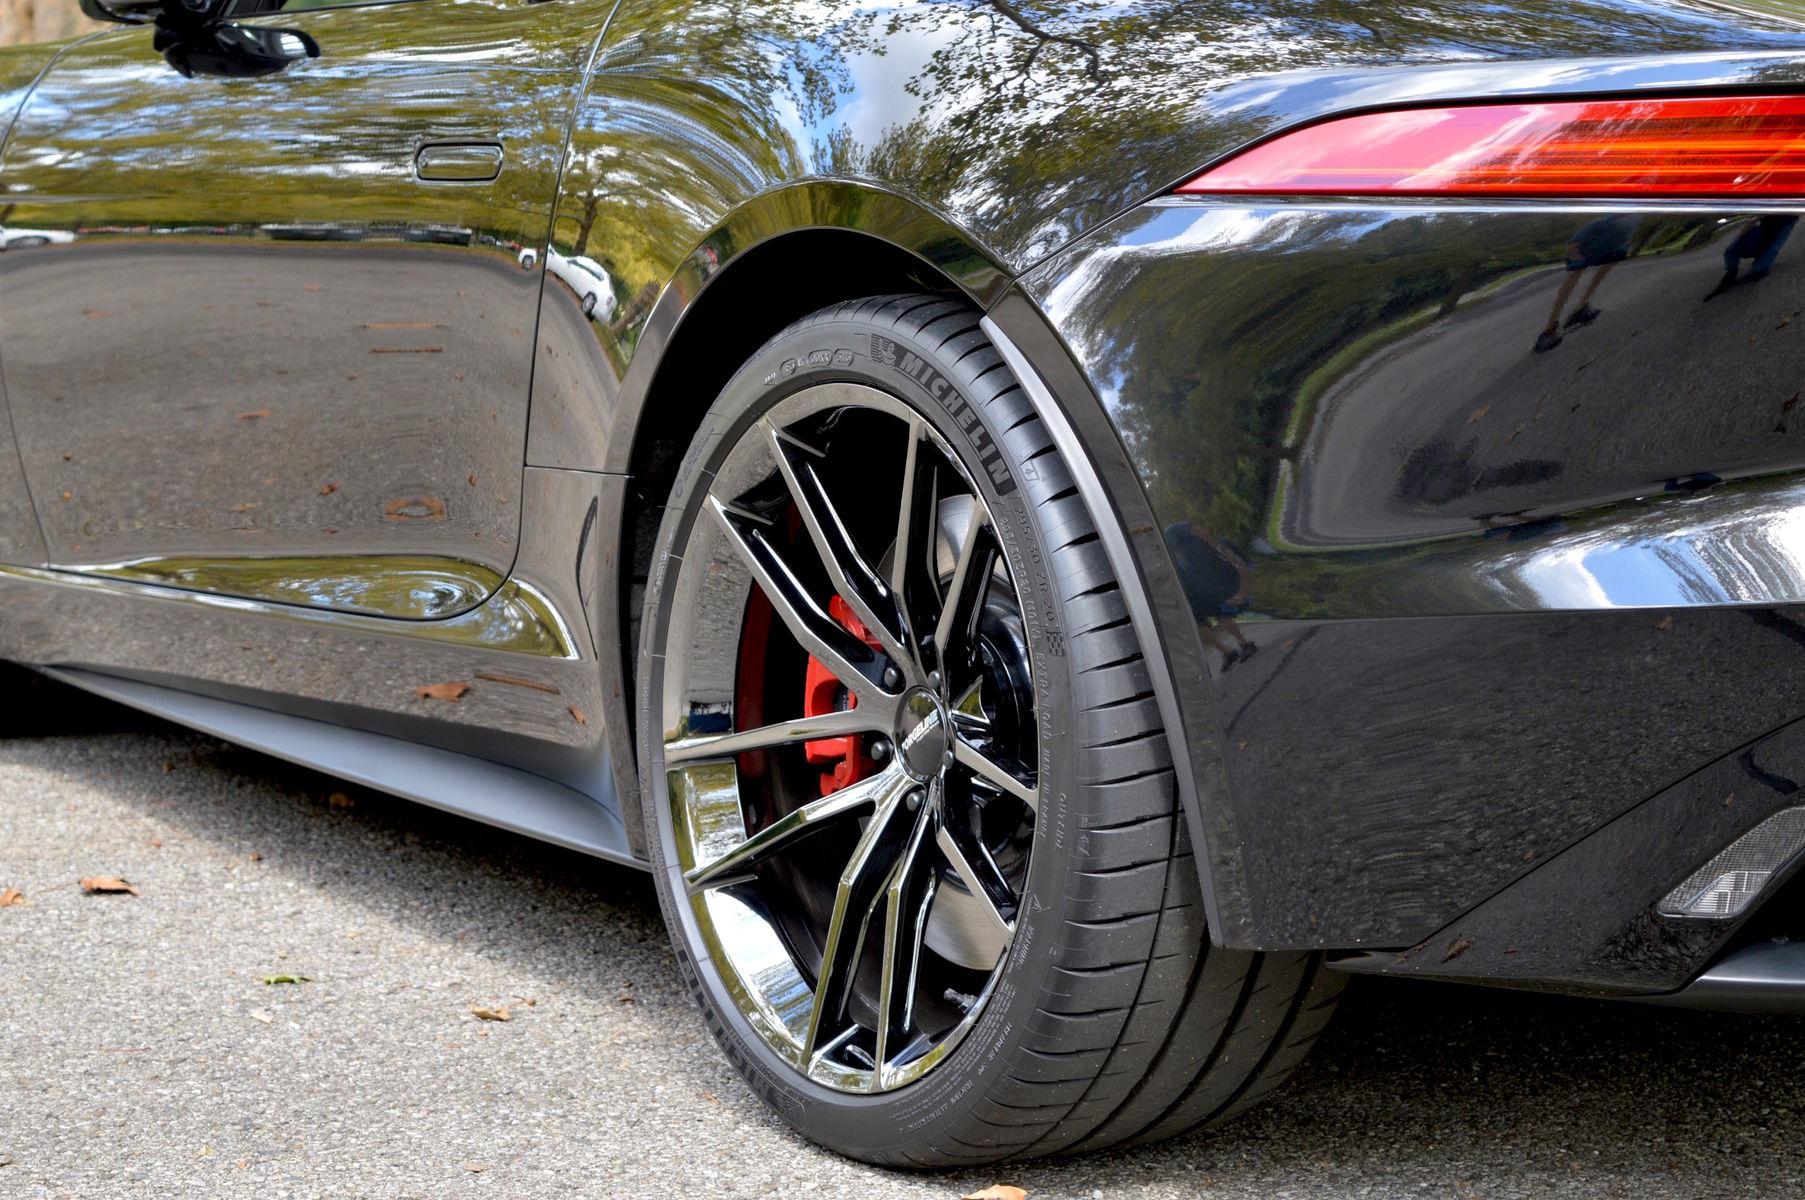 2014 Jaguar F-Type | Dan Warrell's Jaguar F-Type on Forgeline One Piece Forged Monoblock AR1 Wheels